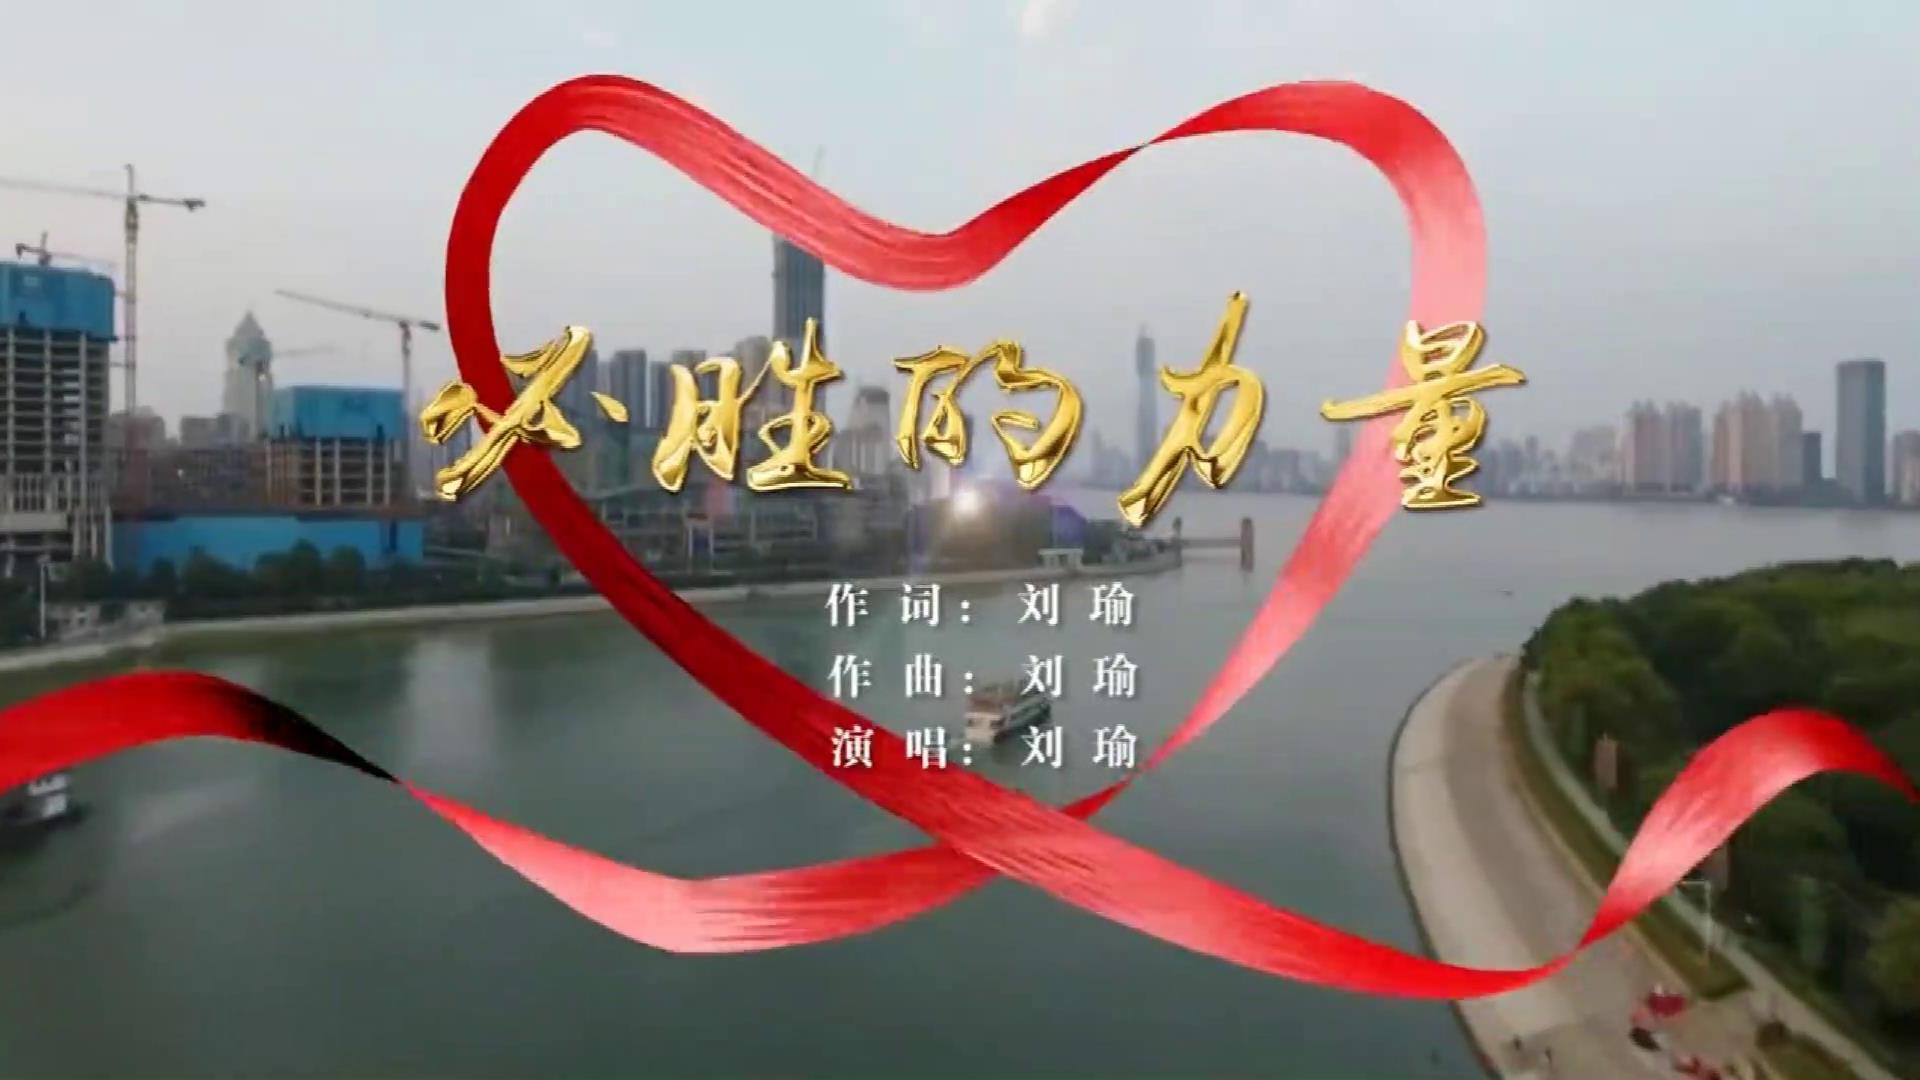 抗疫宣传主题曲《必胜的力量》封面图.jpg